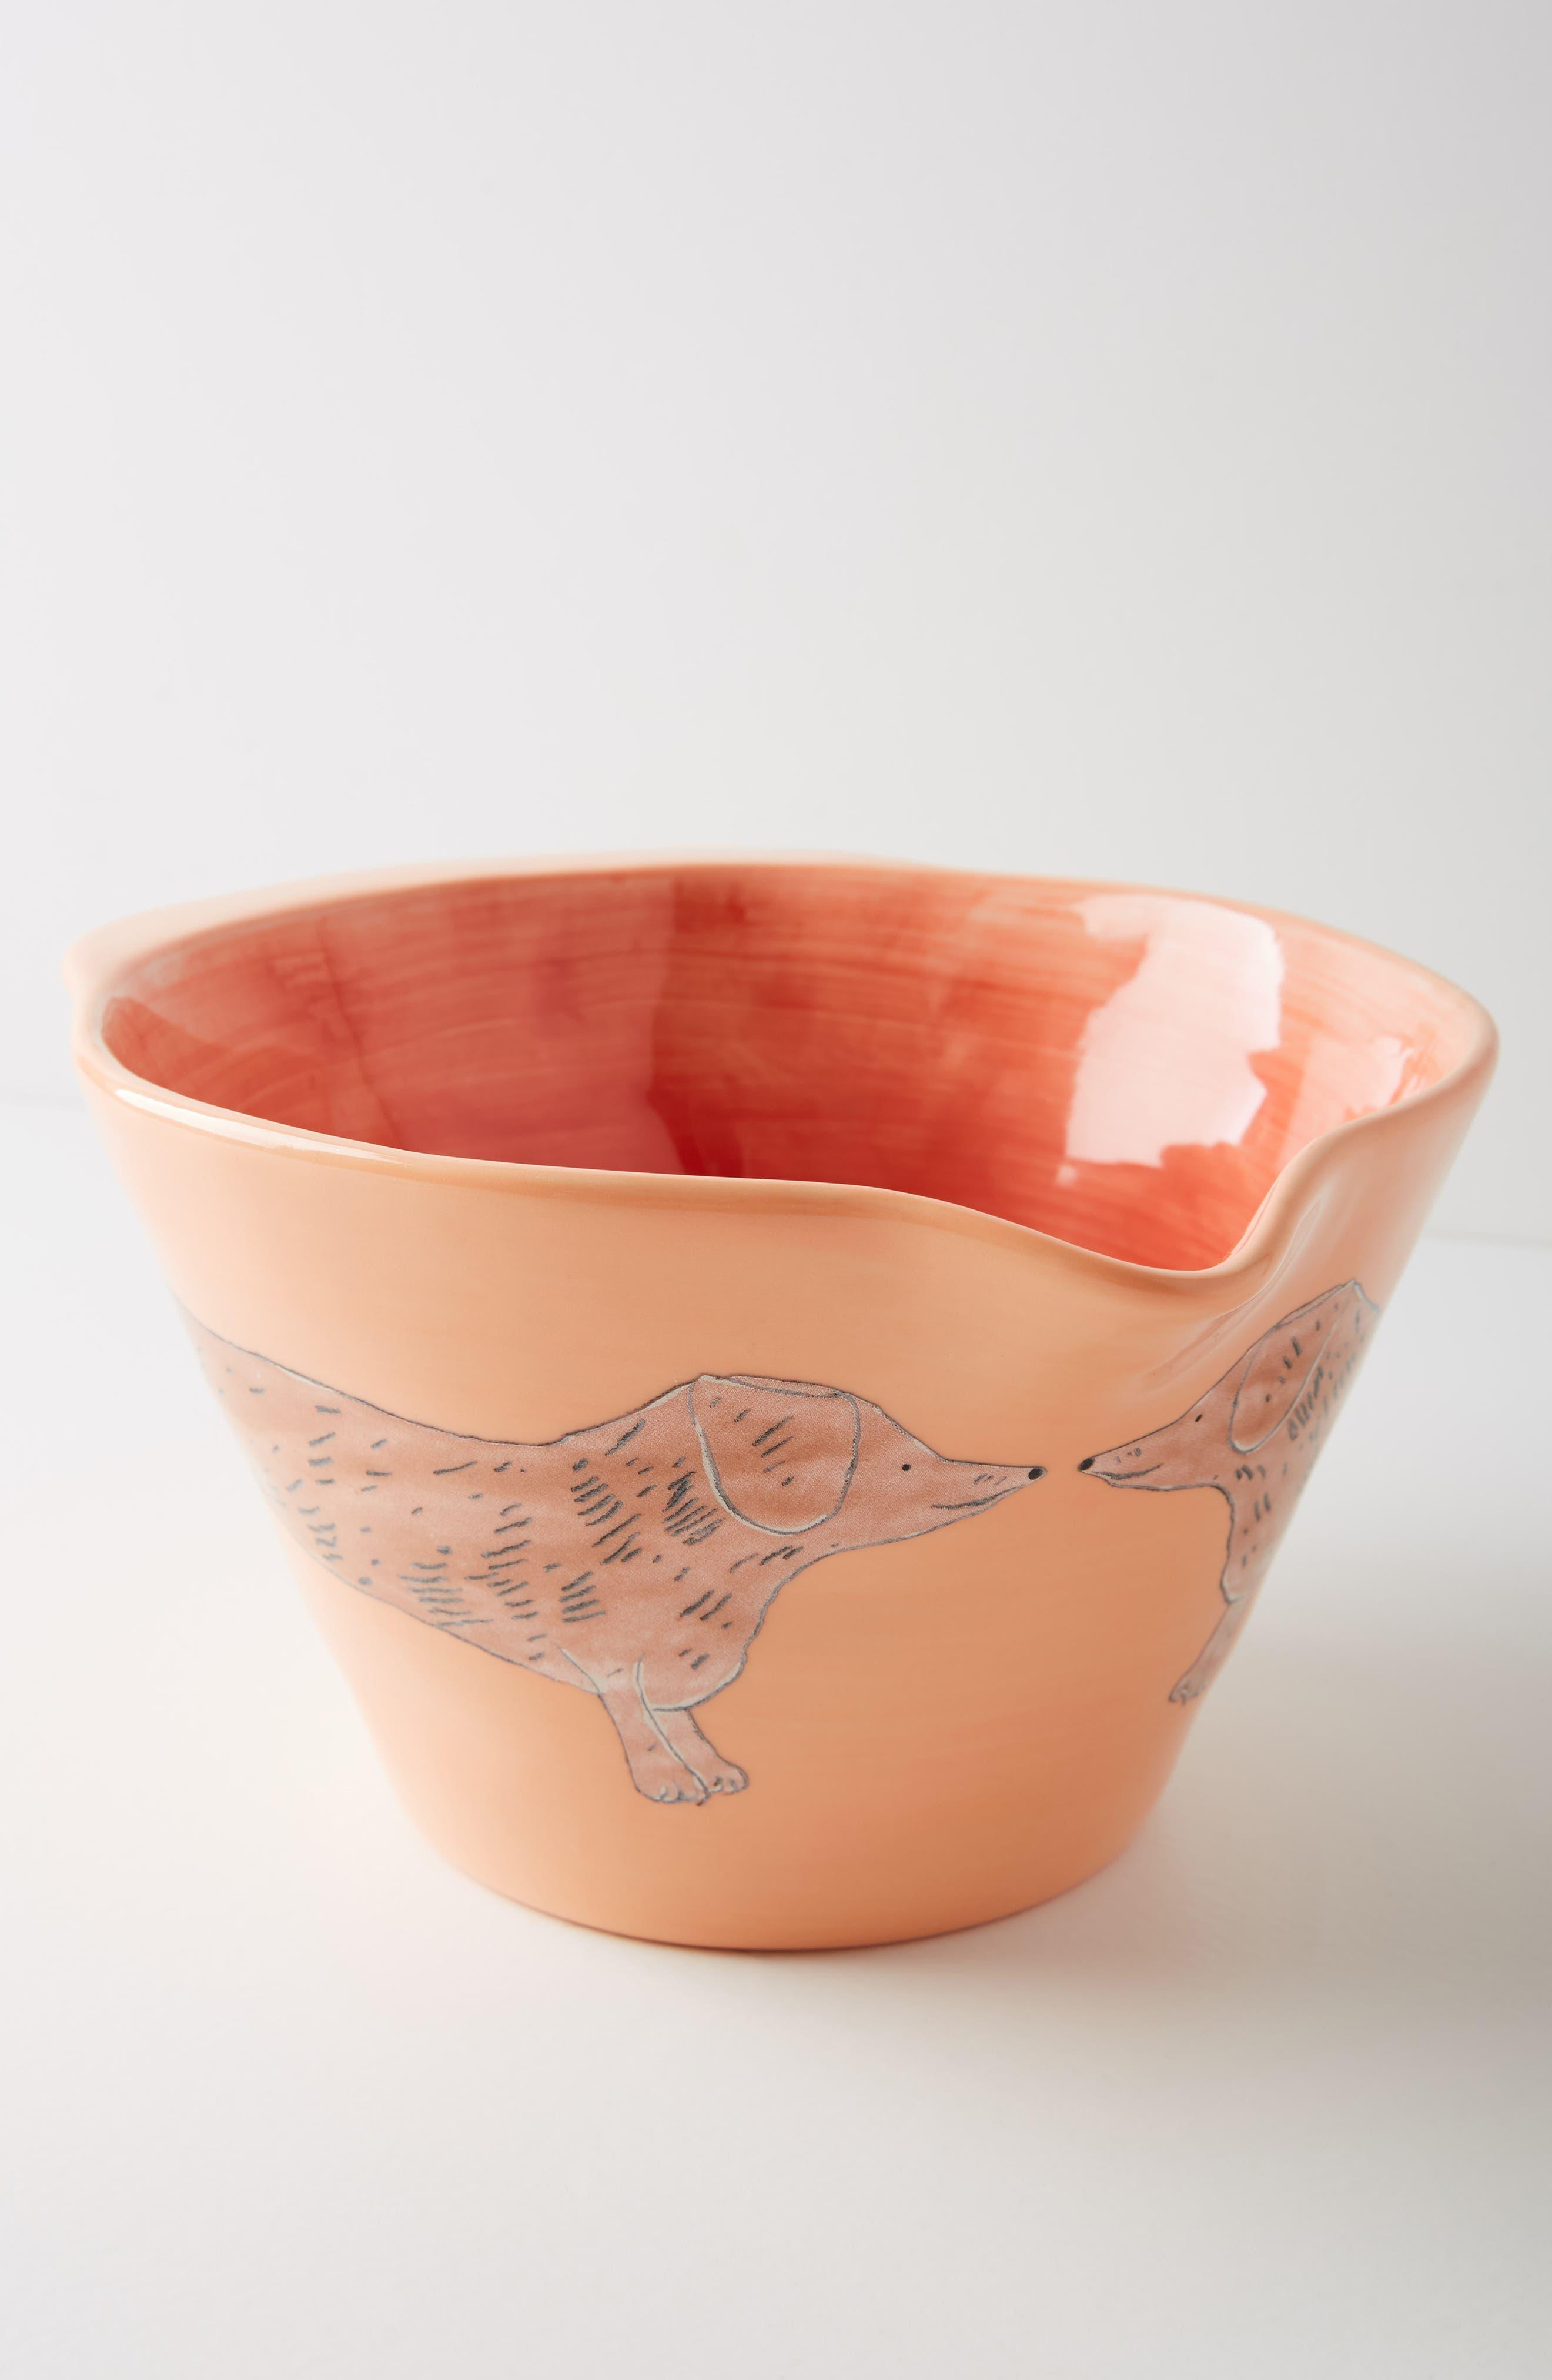 Painted Pup Stoneware Mixing Bowl,                             Main thumbnail 1, color,                             950